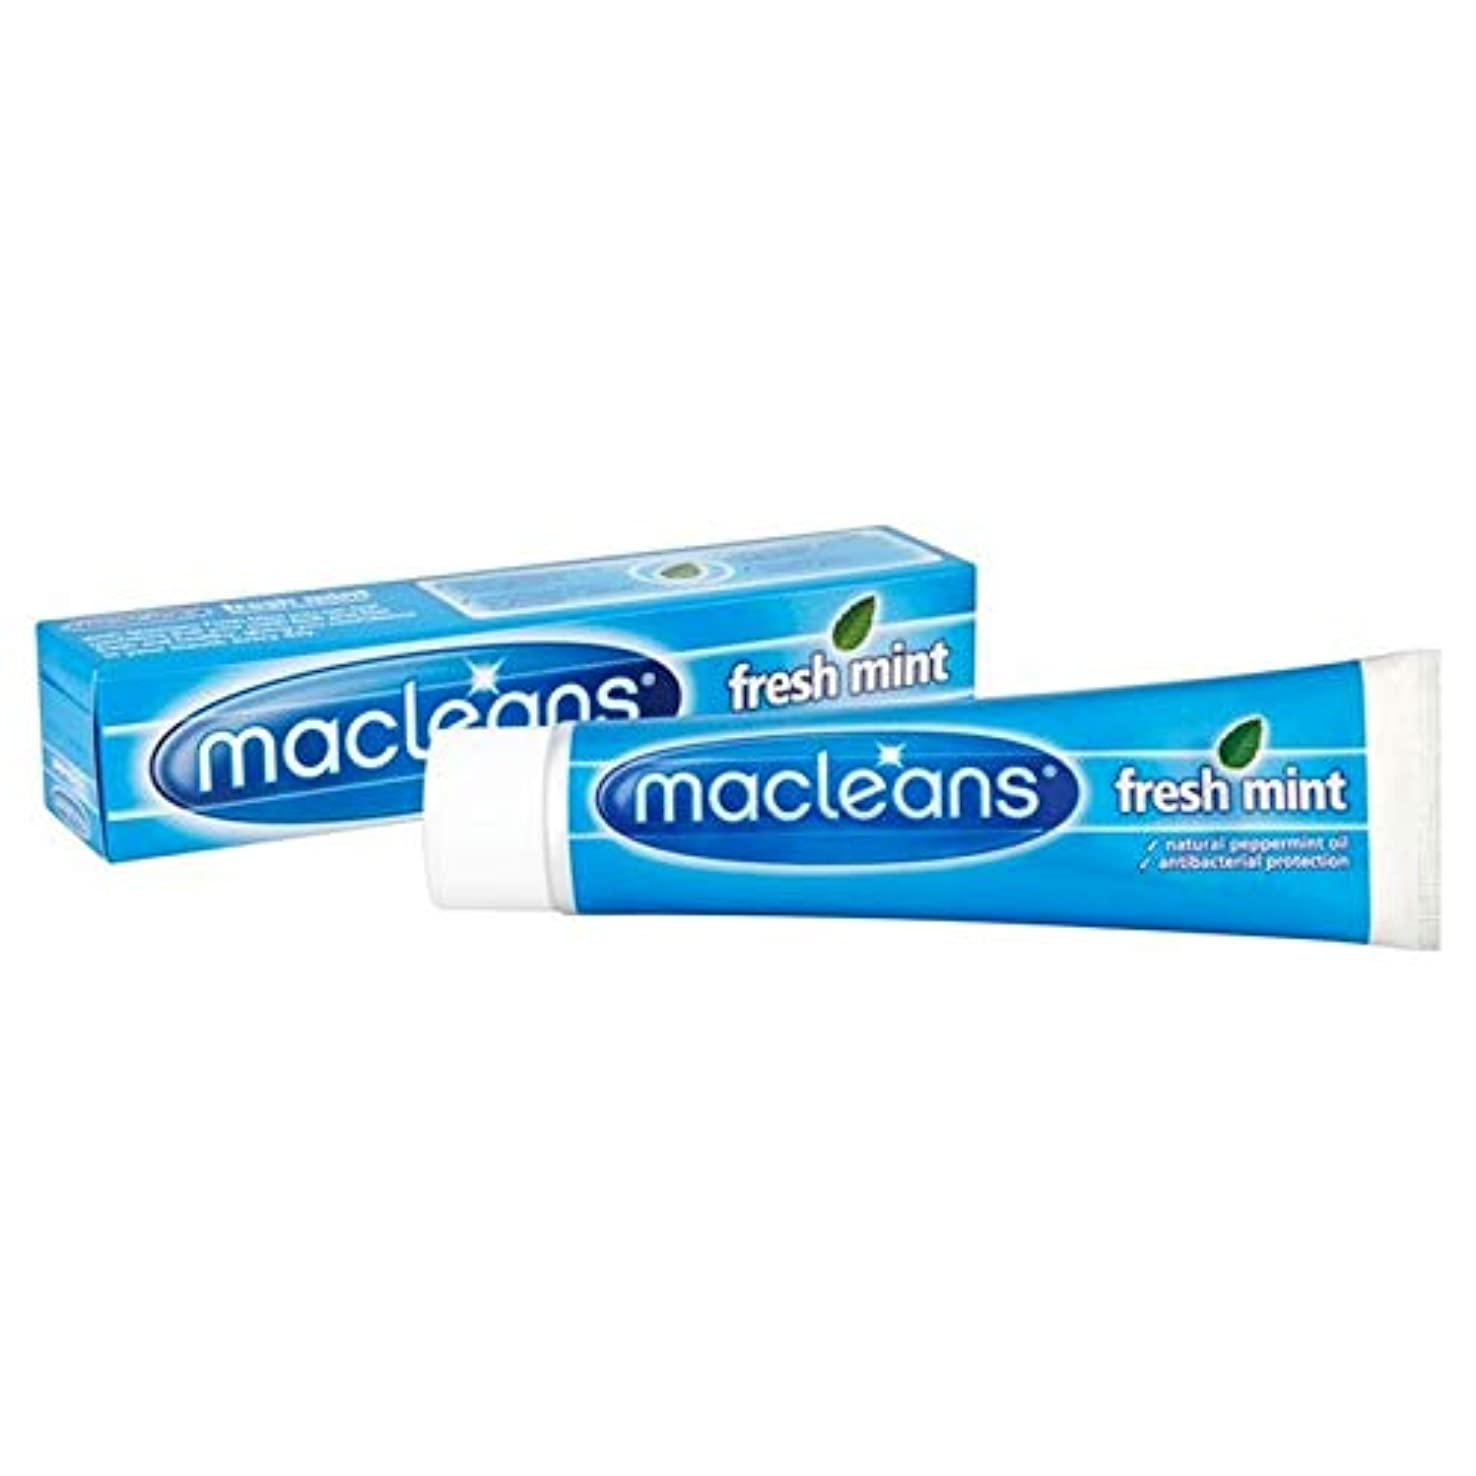 不規則性バーター一人で[Macleans] Macleansフレッシュミントの歯磨き粉の100ミリリットル - Macleans Fresh Mint Toothpaste 100ml [並行輸入品]